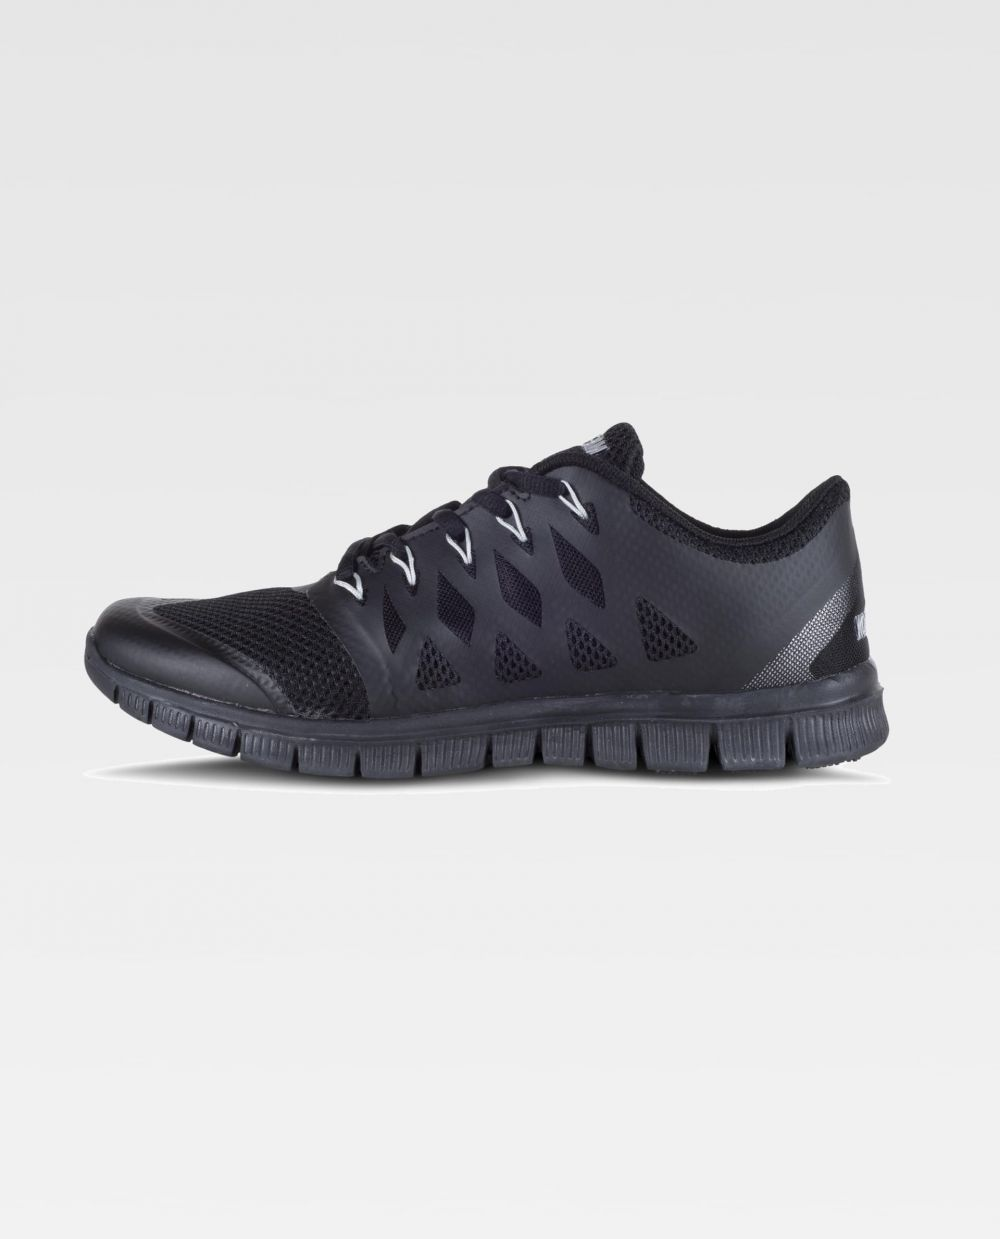 Zapatos de trabajo workteam zapatilla p4009 de poliéster con impresión vista 1